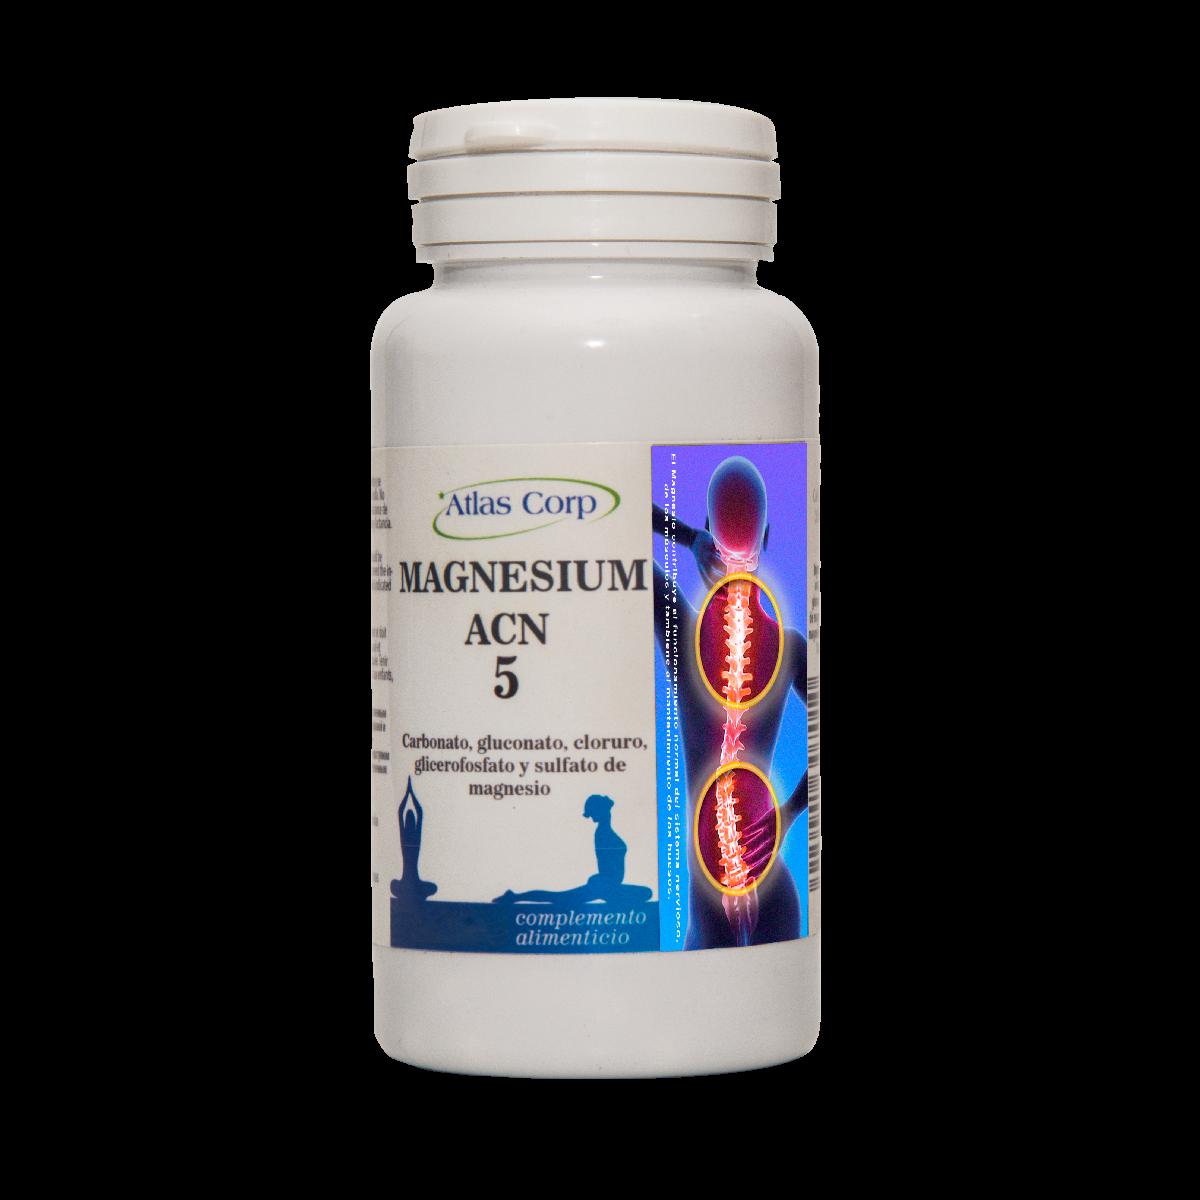 Magnesium ACN 5